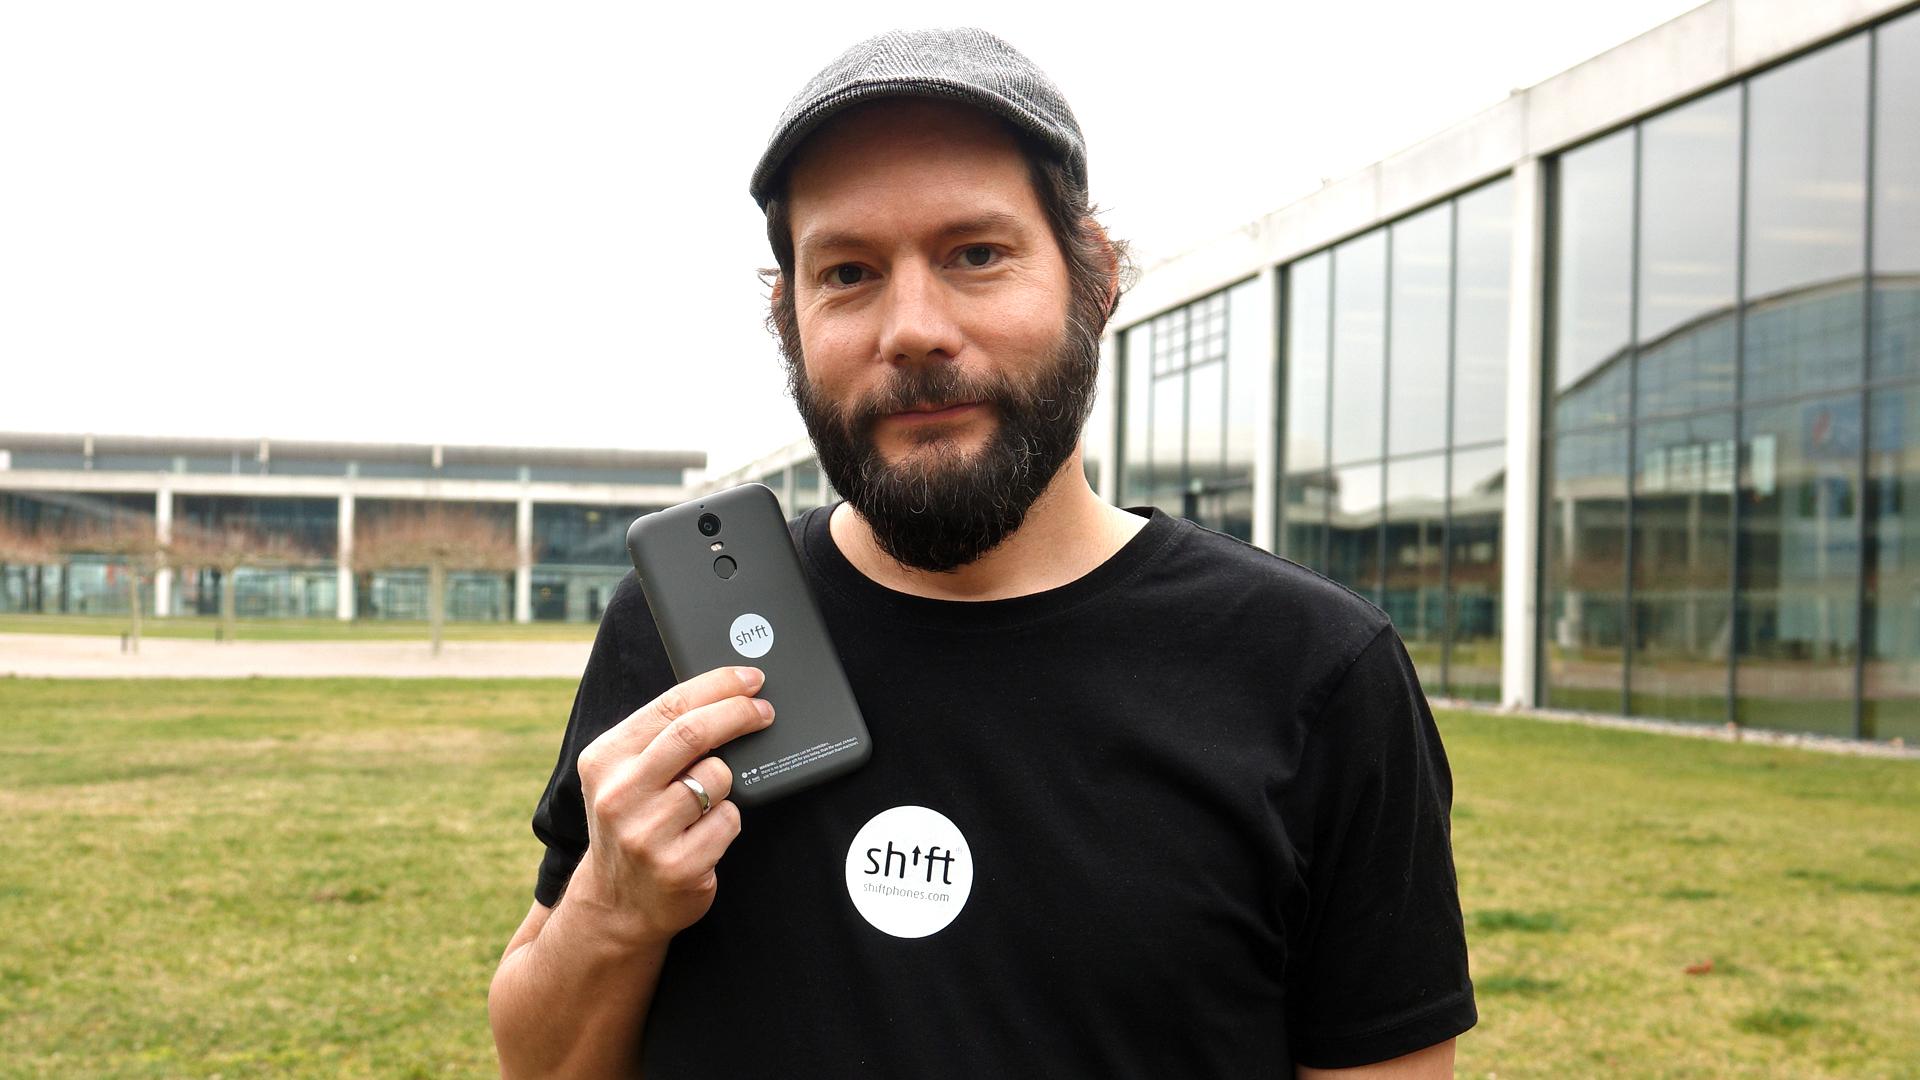 """Der Hesse Carsten Waldeck hat mit seinem Bruder und Vater die Firma """"Shift"""" gegründet. Das Unternehmen baut sogenannte modulare Smartphones, bei denen der Nutzer Bauteile selbst austauschen kann."""